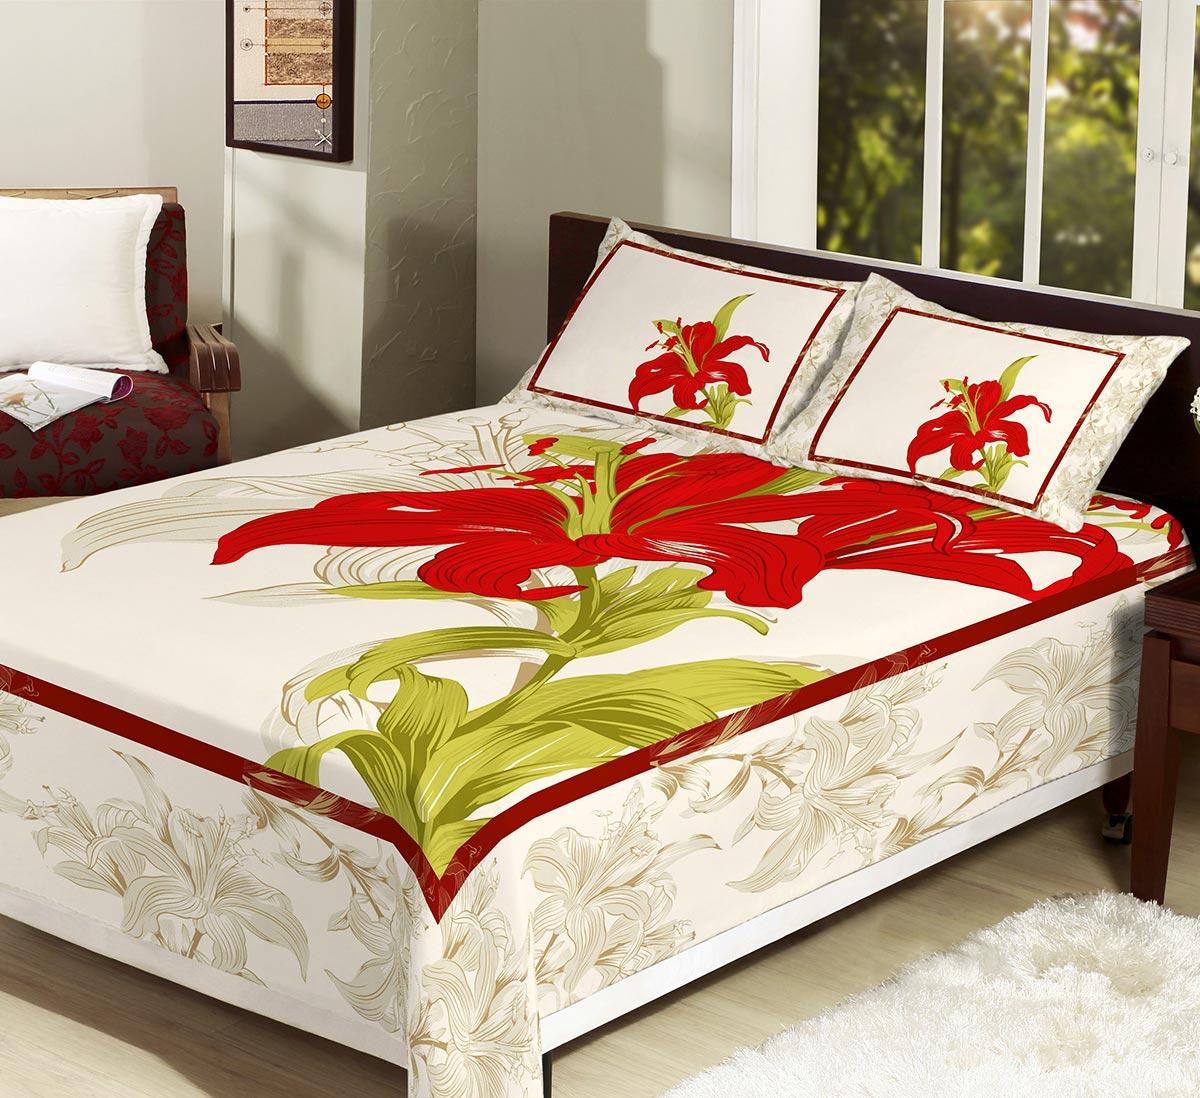 Colcha/Cobre-Leito Casal Ibisco Vermelho com 3 peças tecido Algodão e Poliester - CobreLeito Mirela